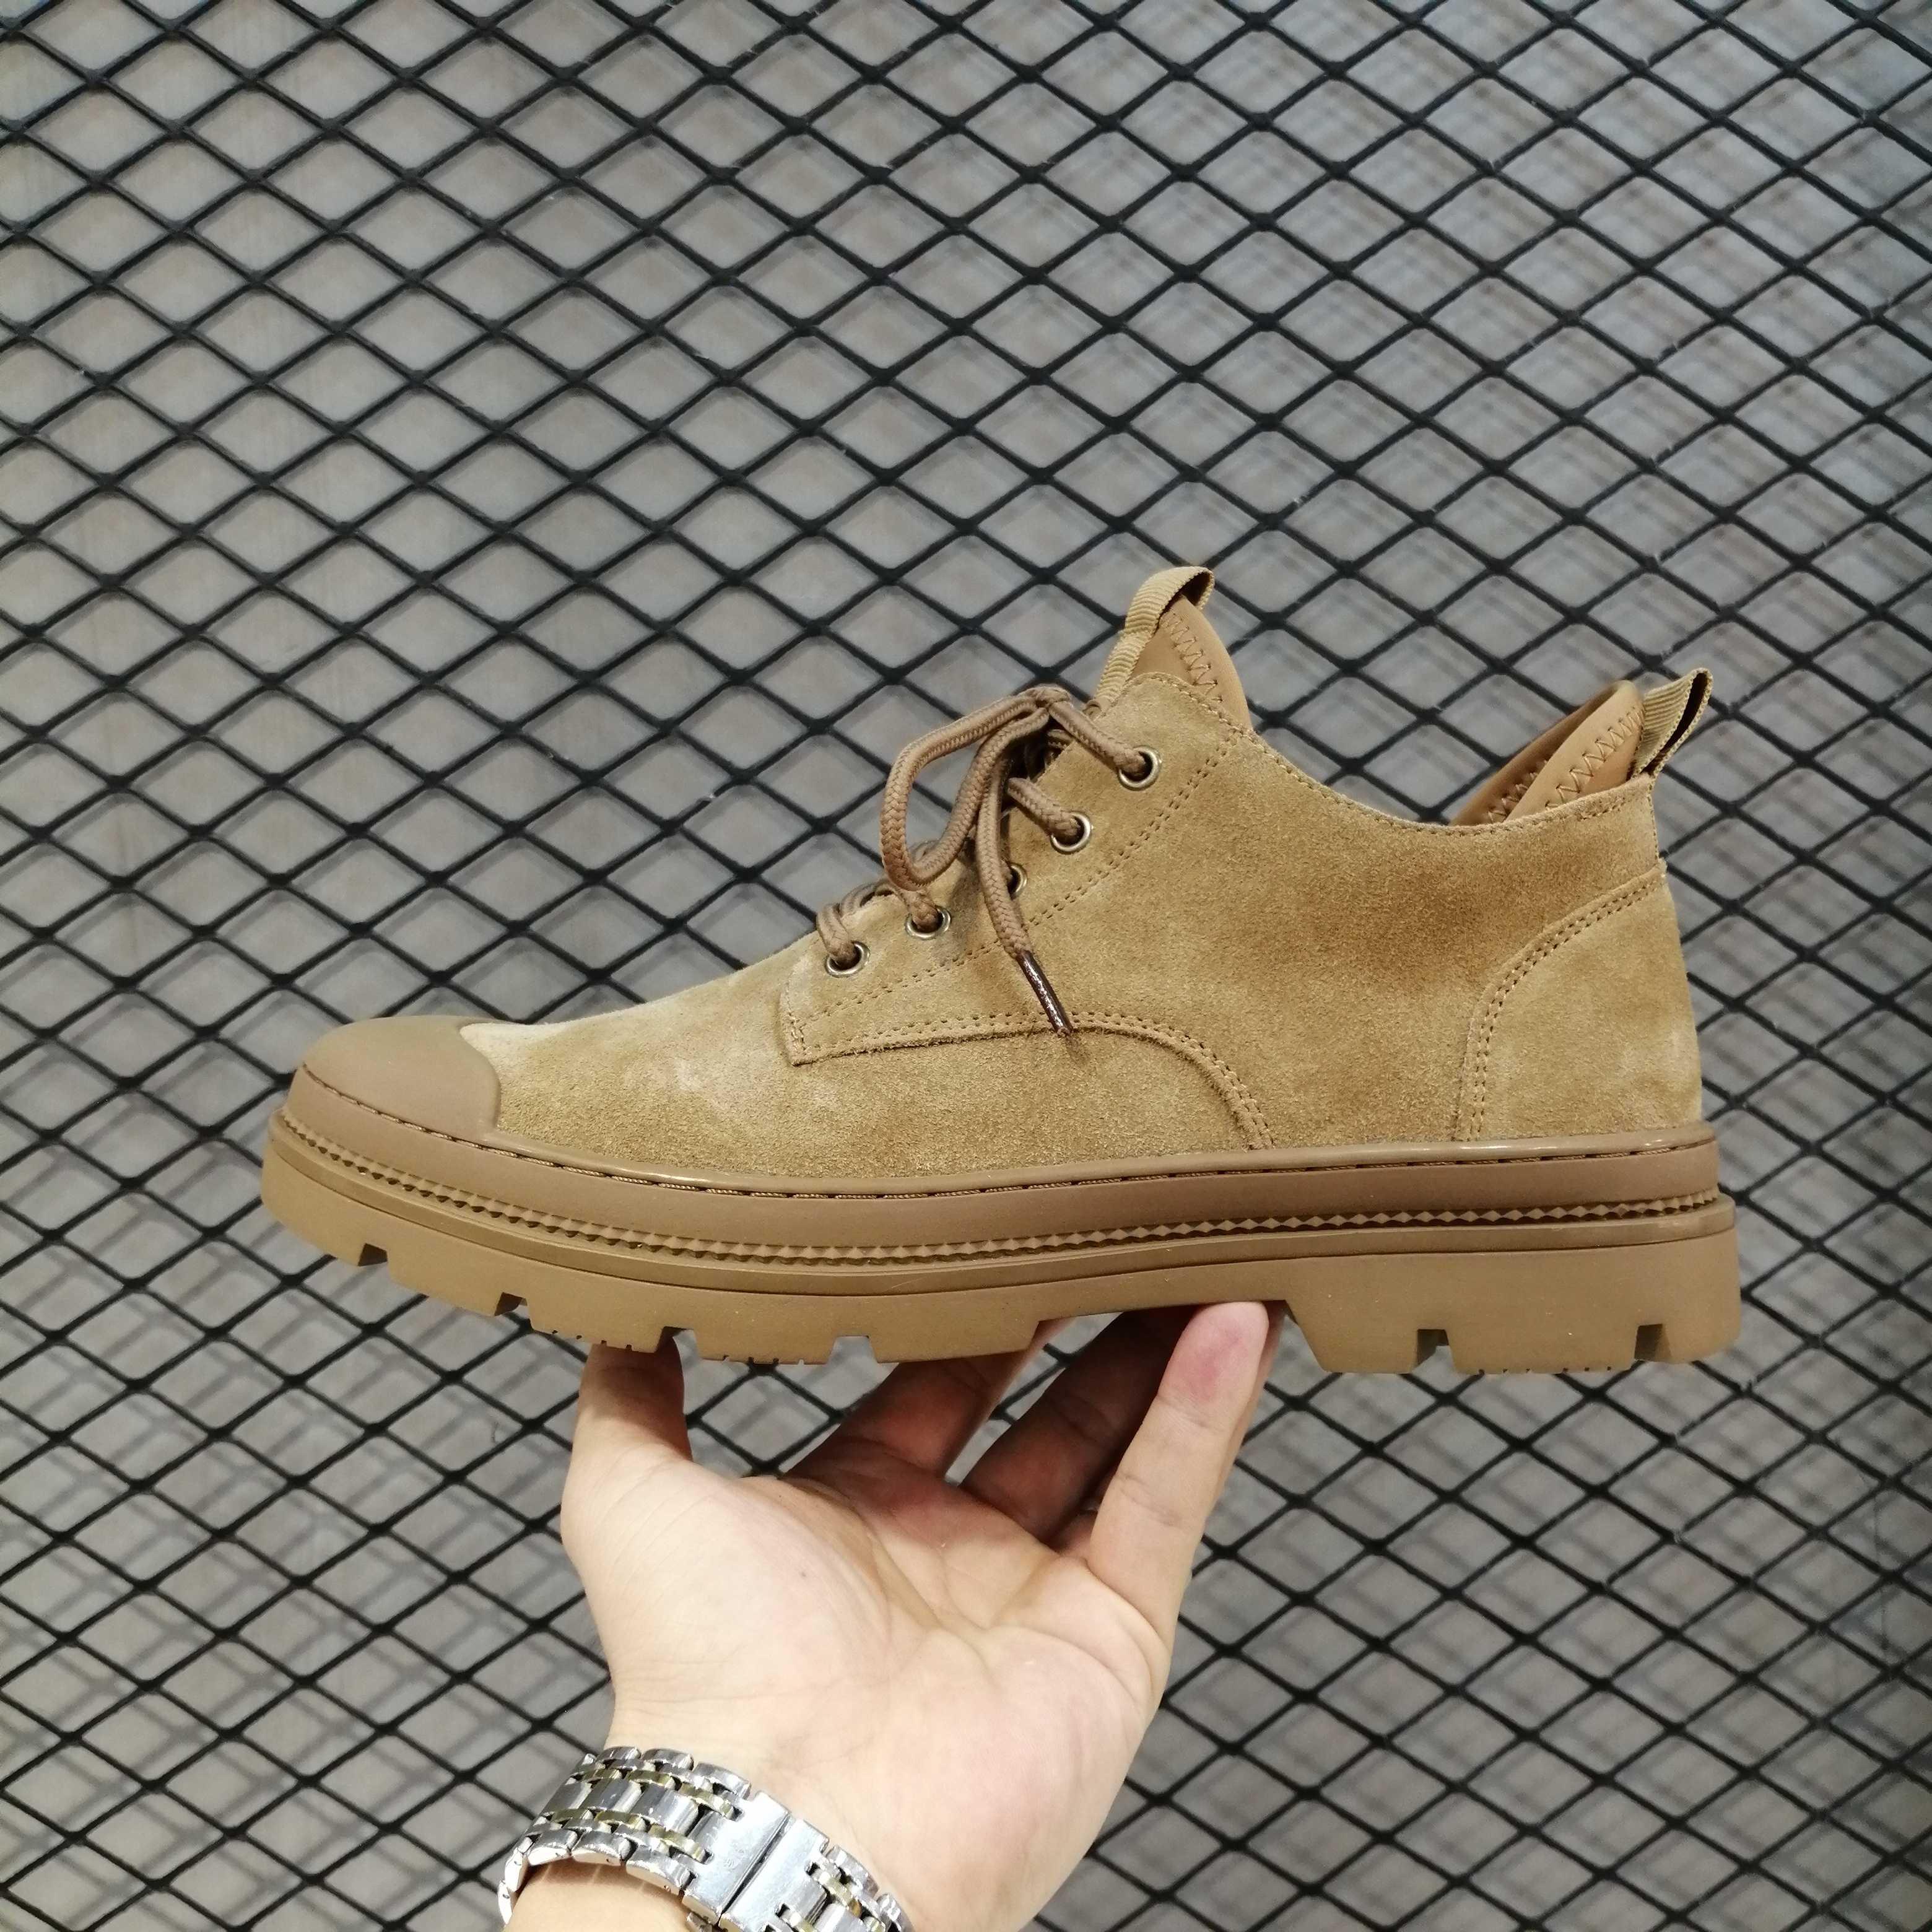 新款男鞋牛皮男鞋系带男鞋流行男鞋真皮男鞋低帮橡胶底男鞋潮皮鞋